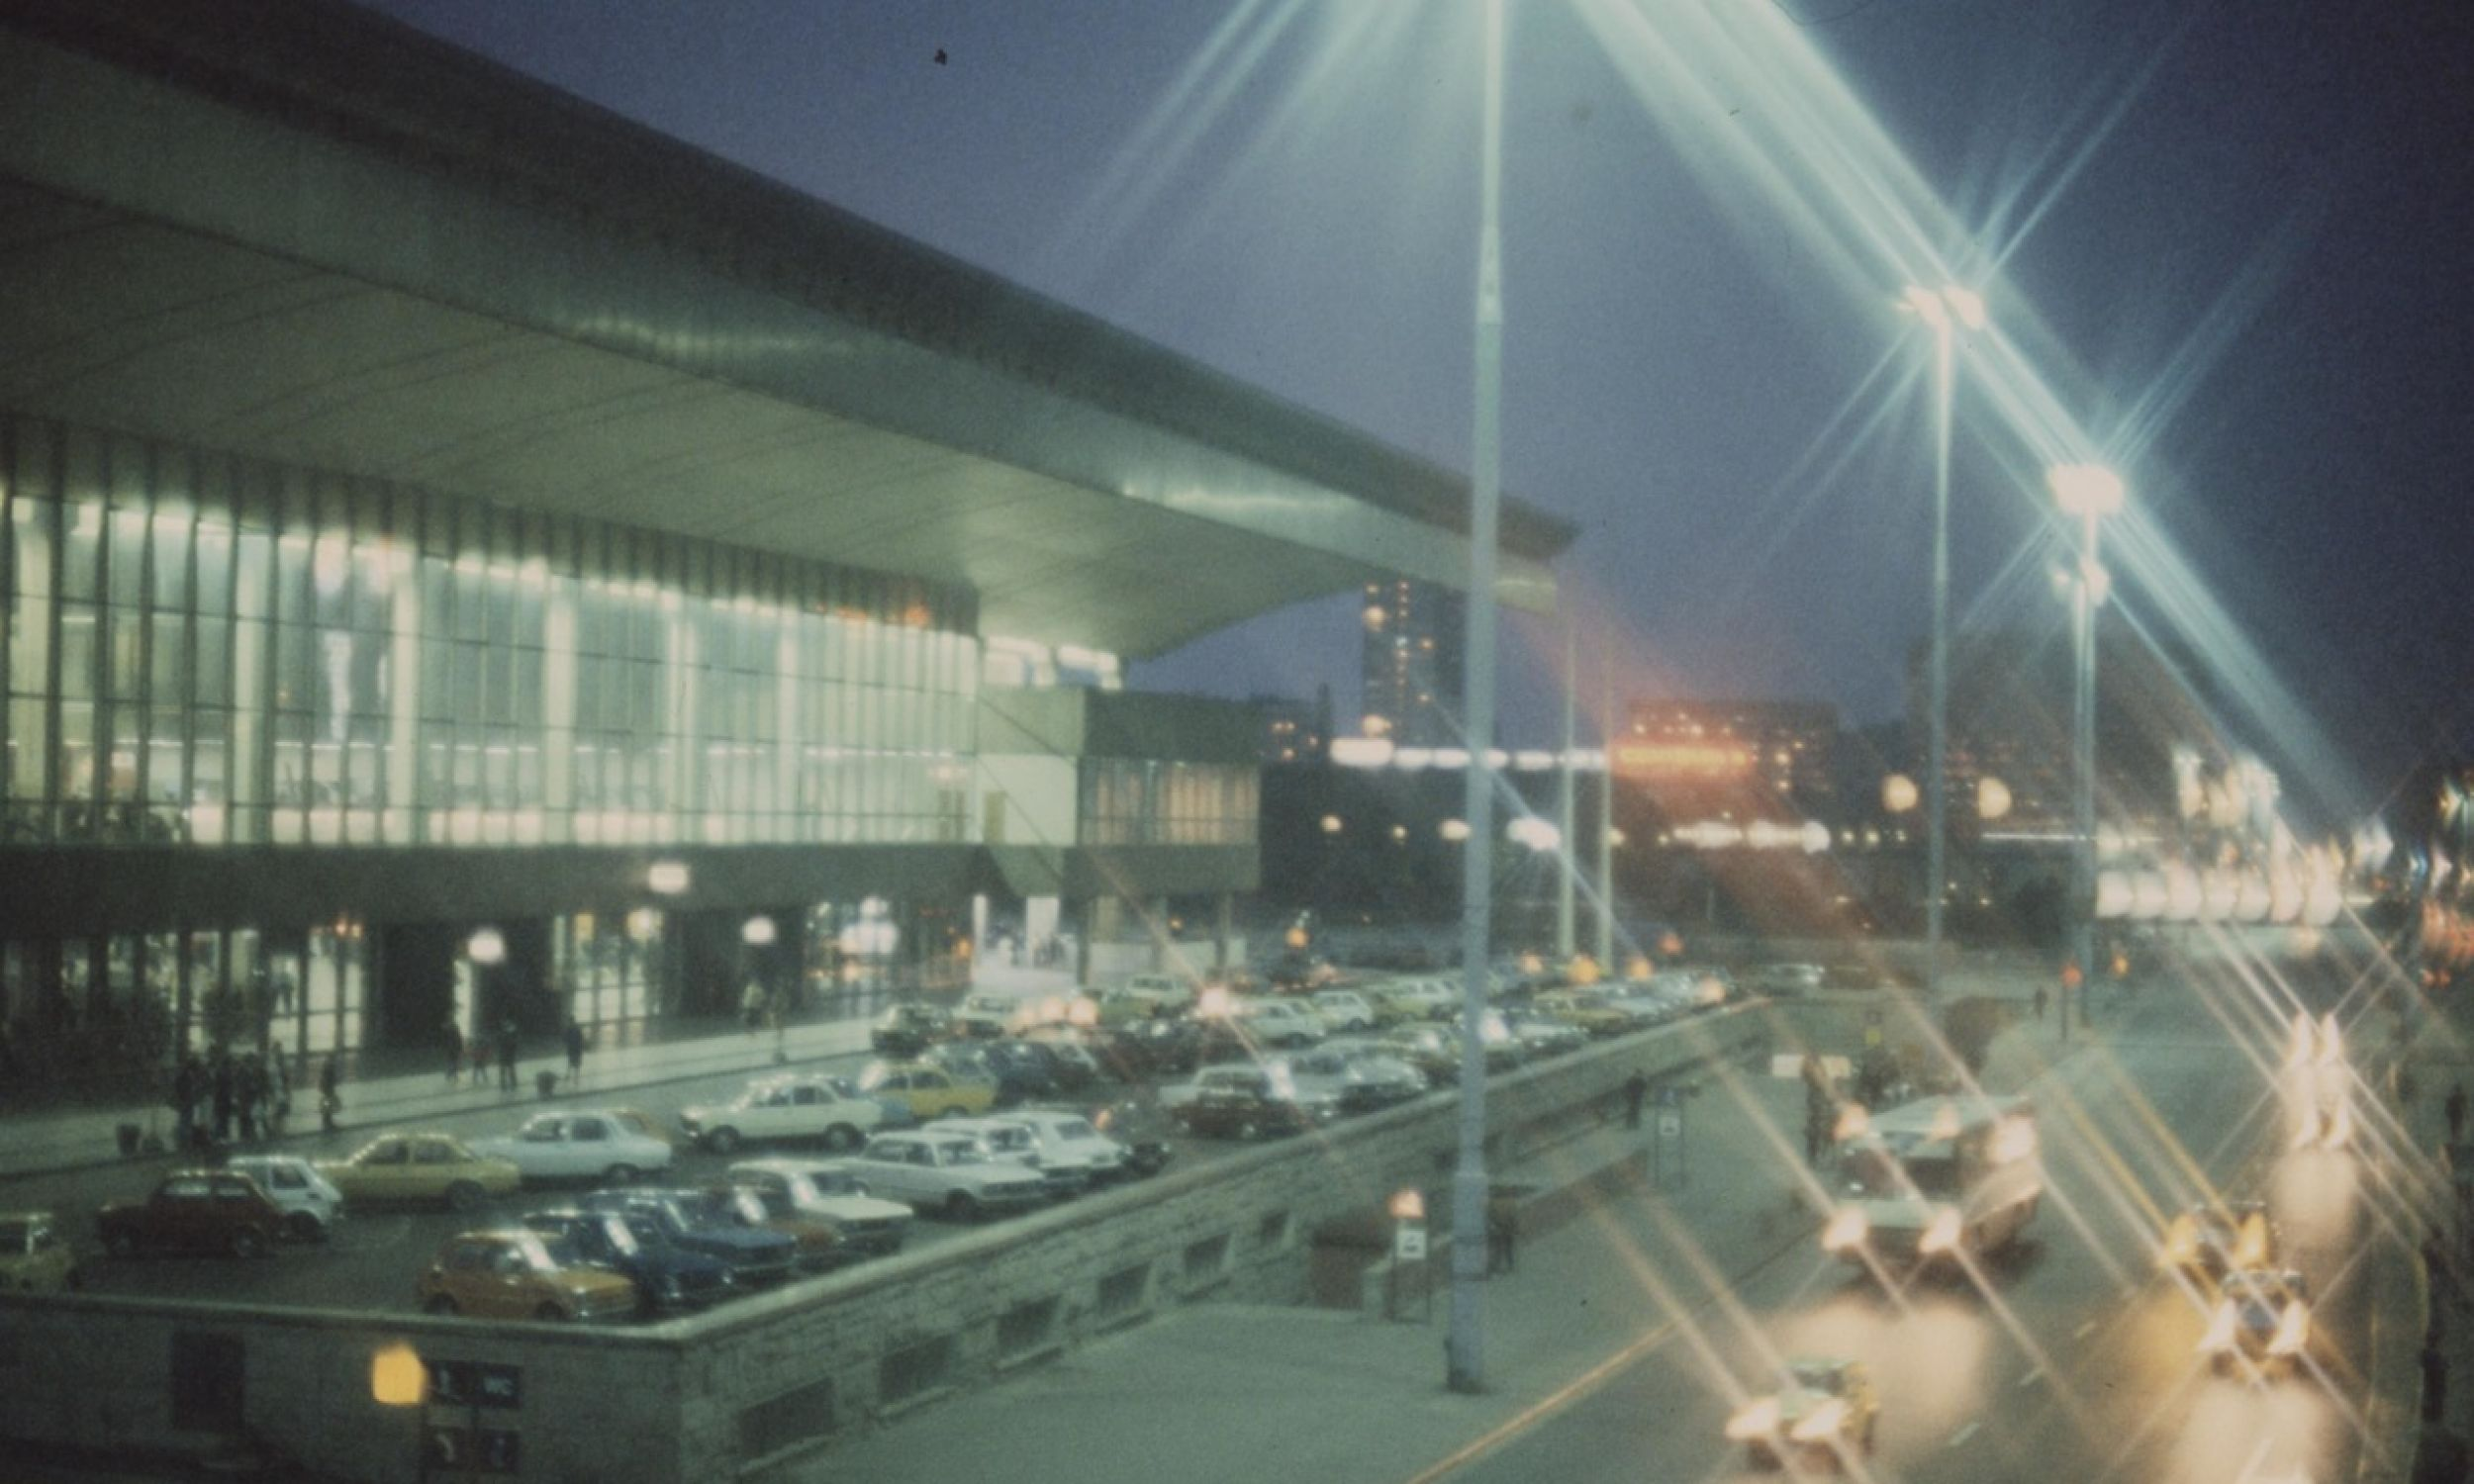 Dworzec Centralny w Warszawie w nocy od strony Alei Jerozolimskich, rok 1977 lub 1978. Fot. NAC/Archiwum Fotograficzne Zbyszka Siemaszki, sygn. 51-111-3